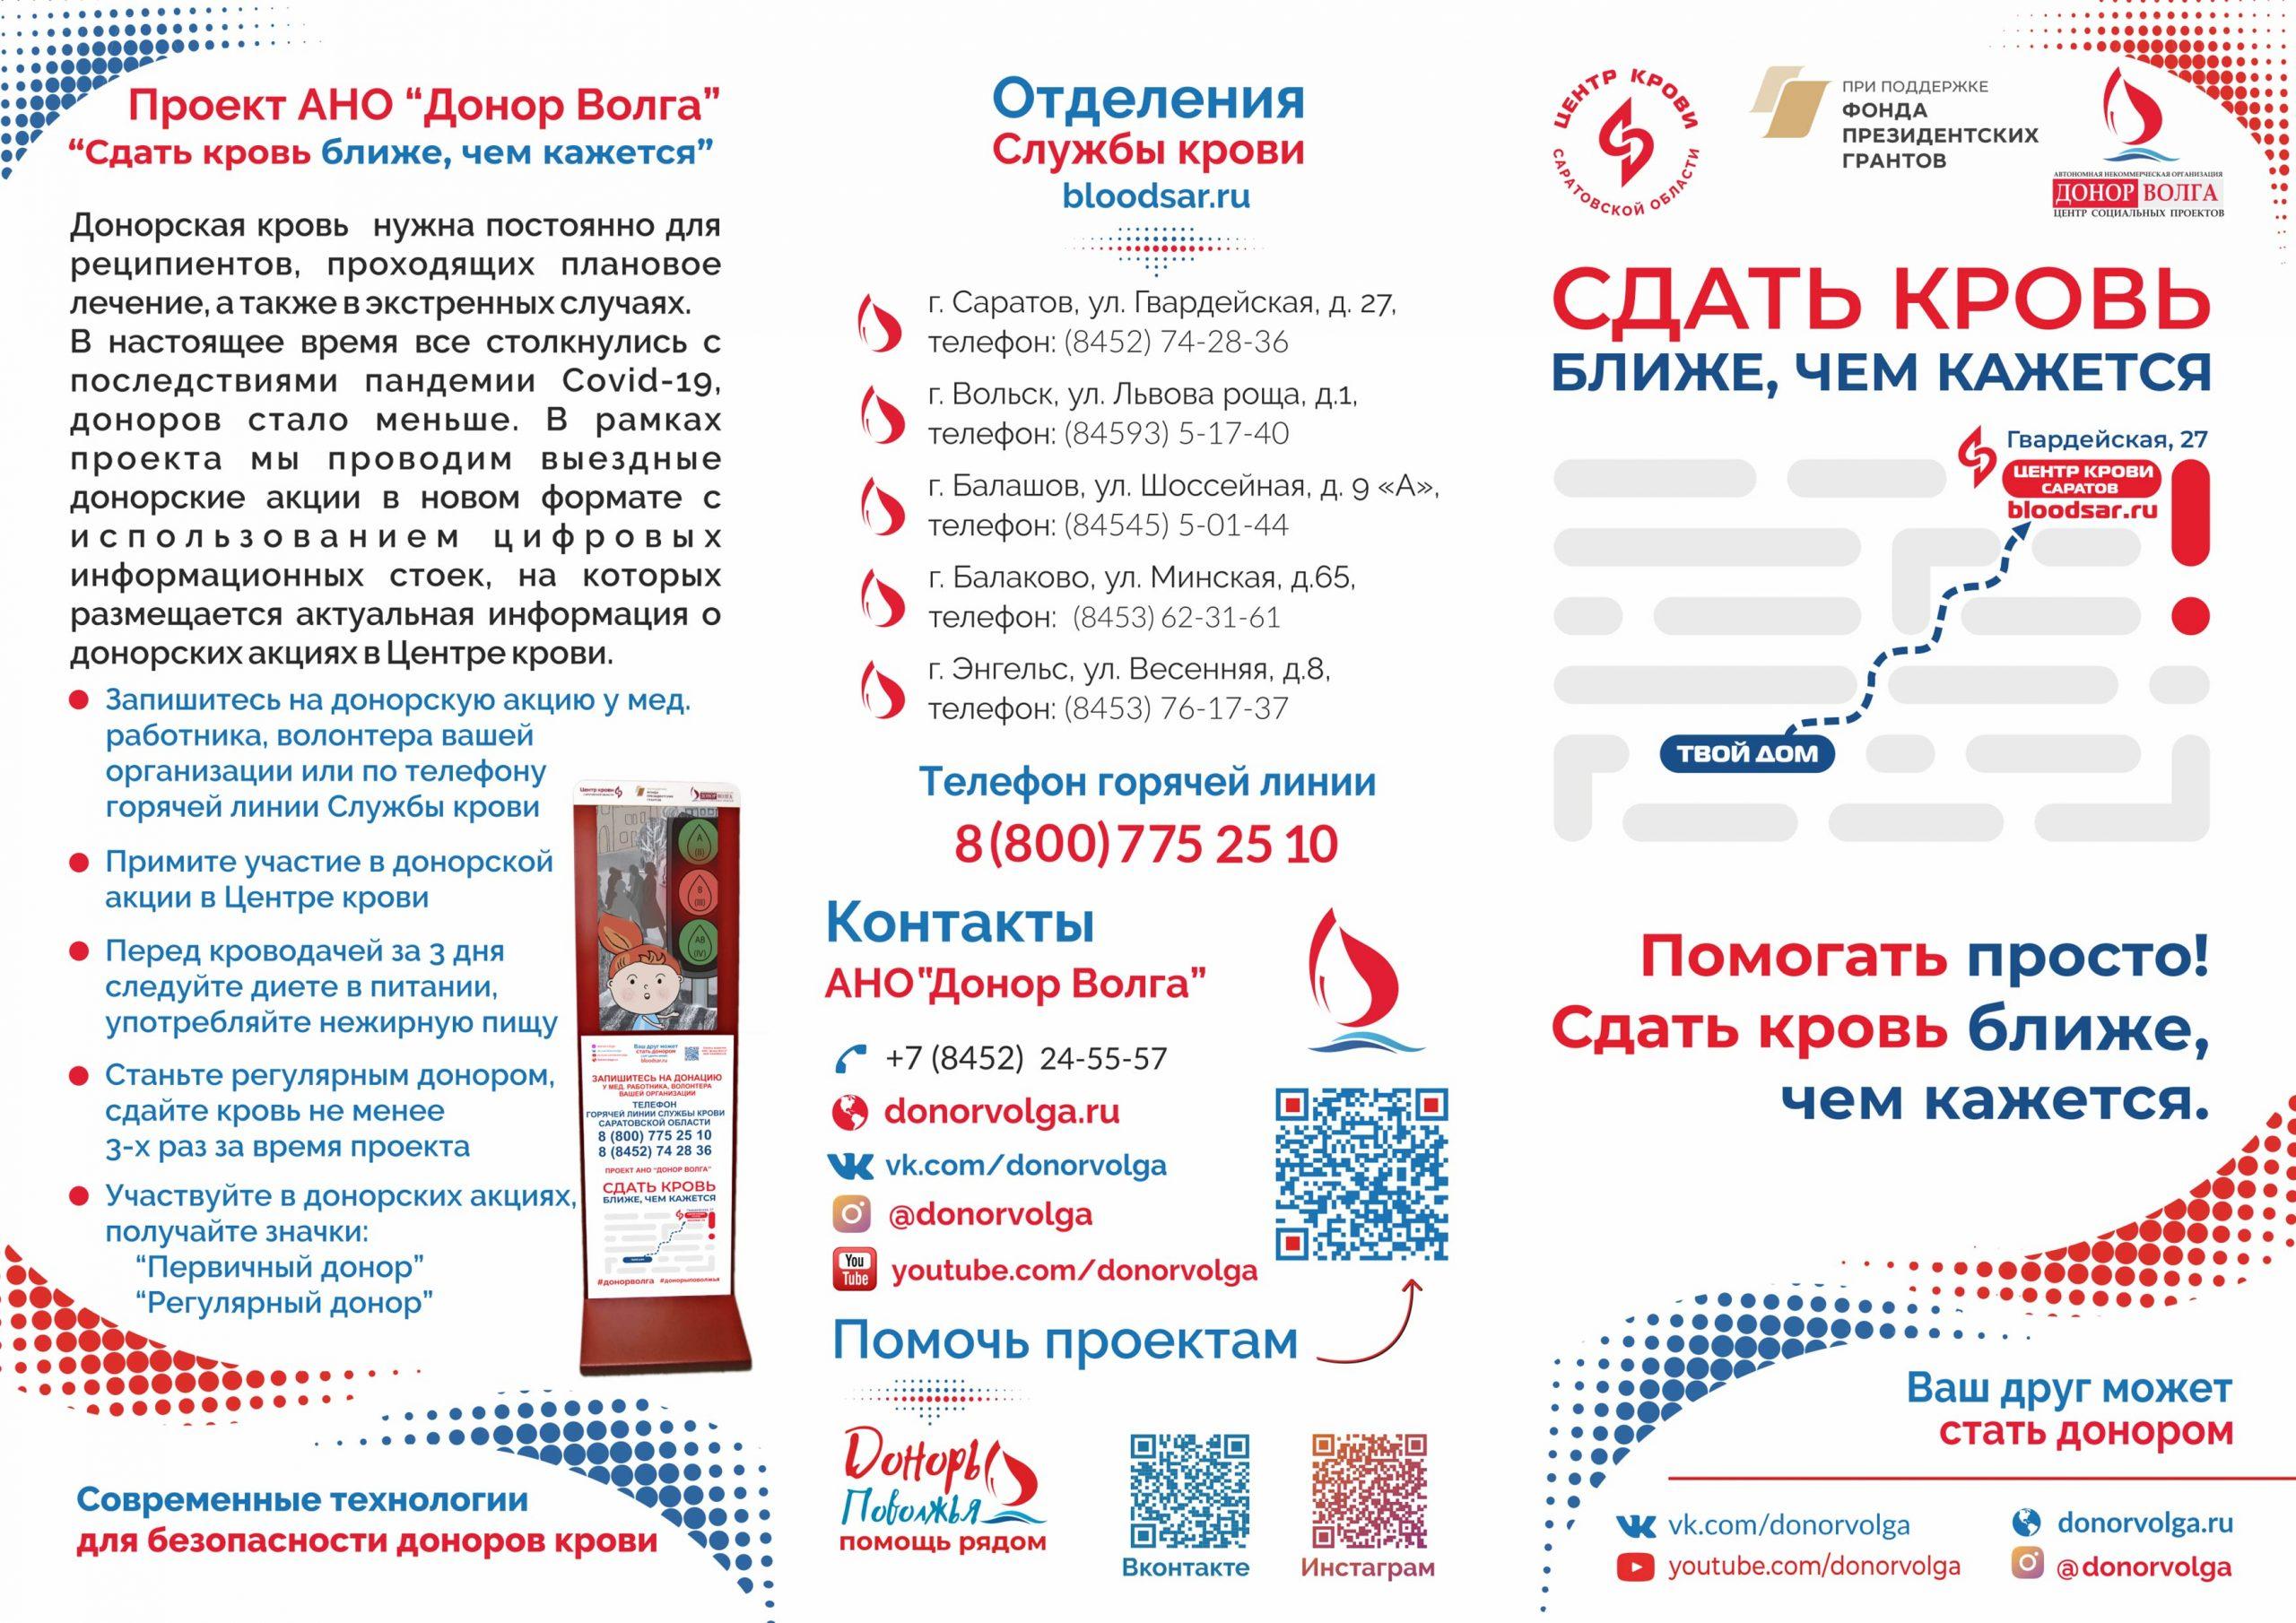 Буклет Сдать кровь ближе, чем кажется - проект АНО Донор Волга